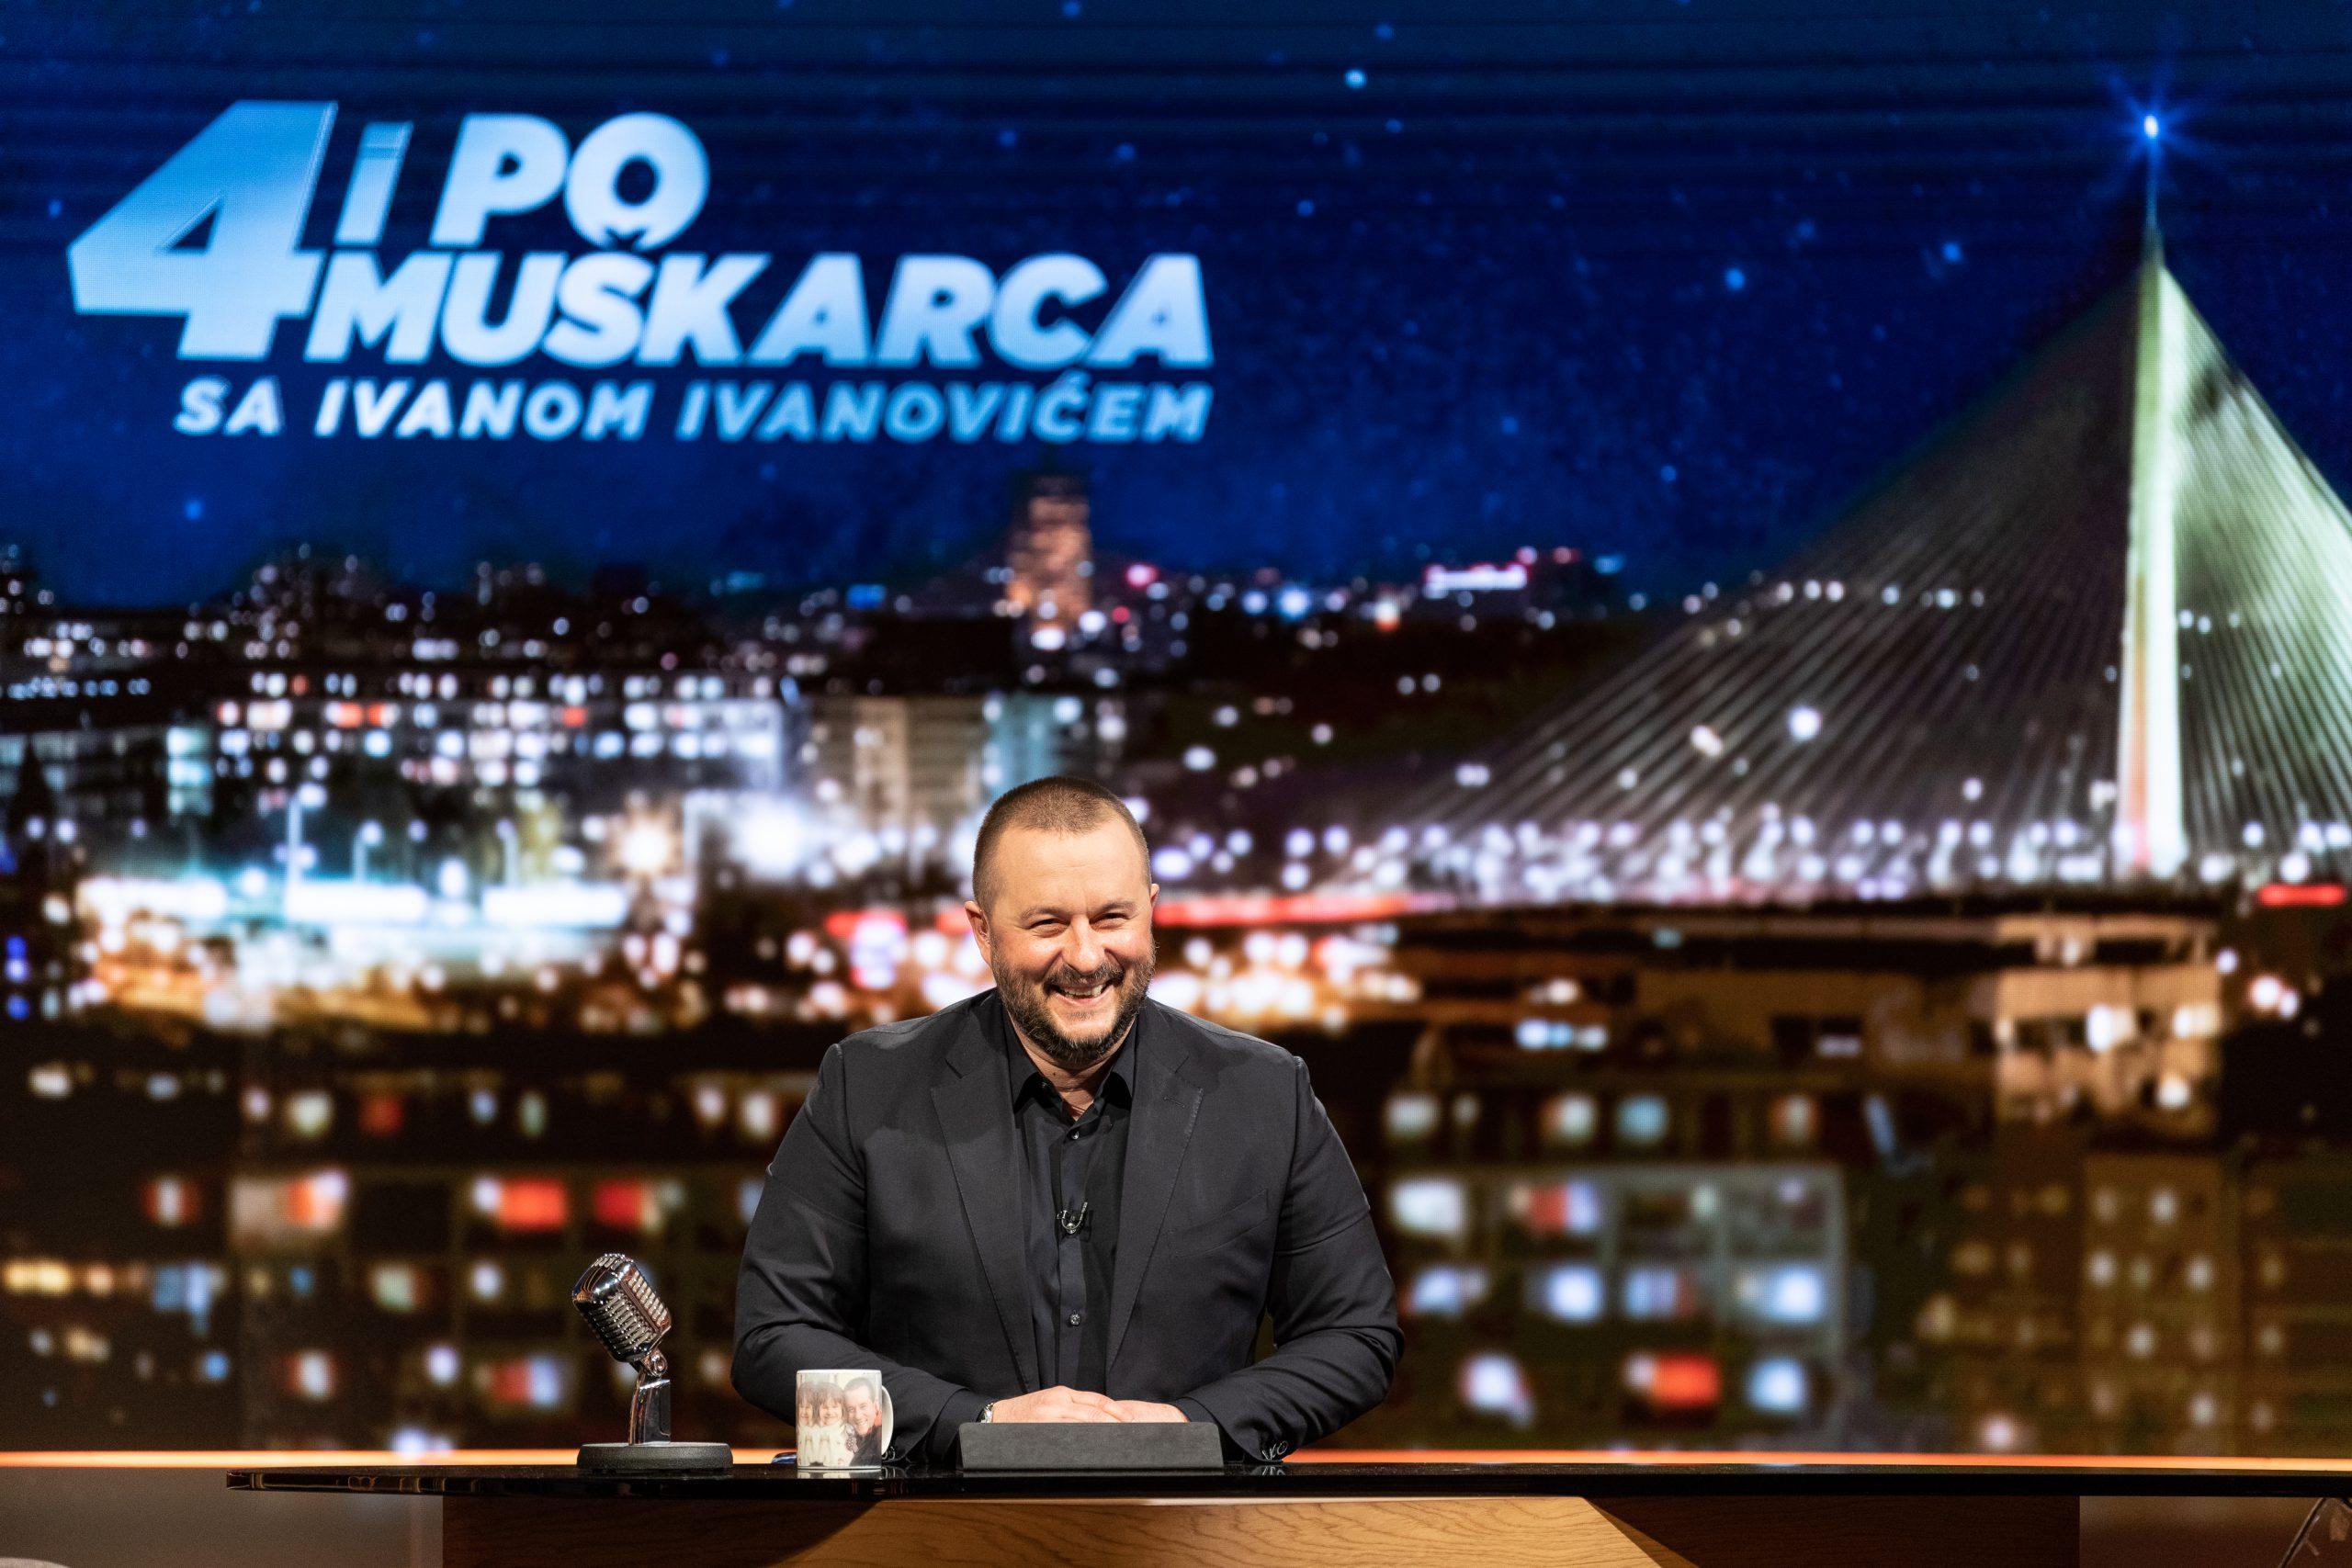 Ivan Ivanović, emisija 4 i po muškarca